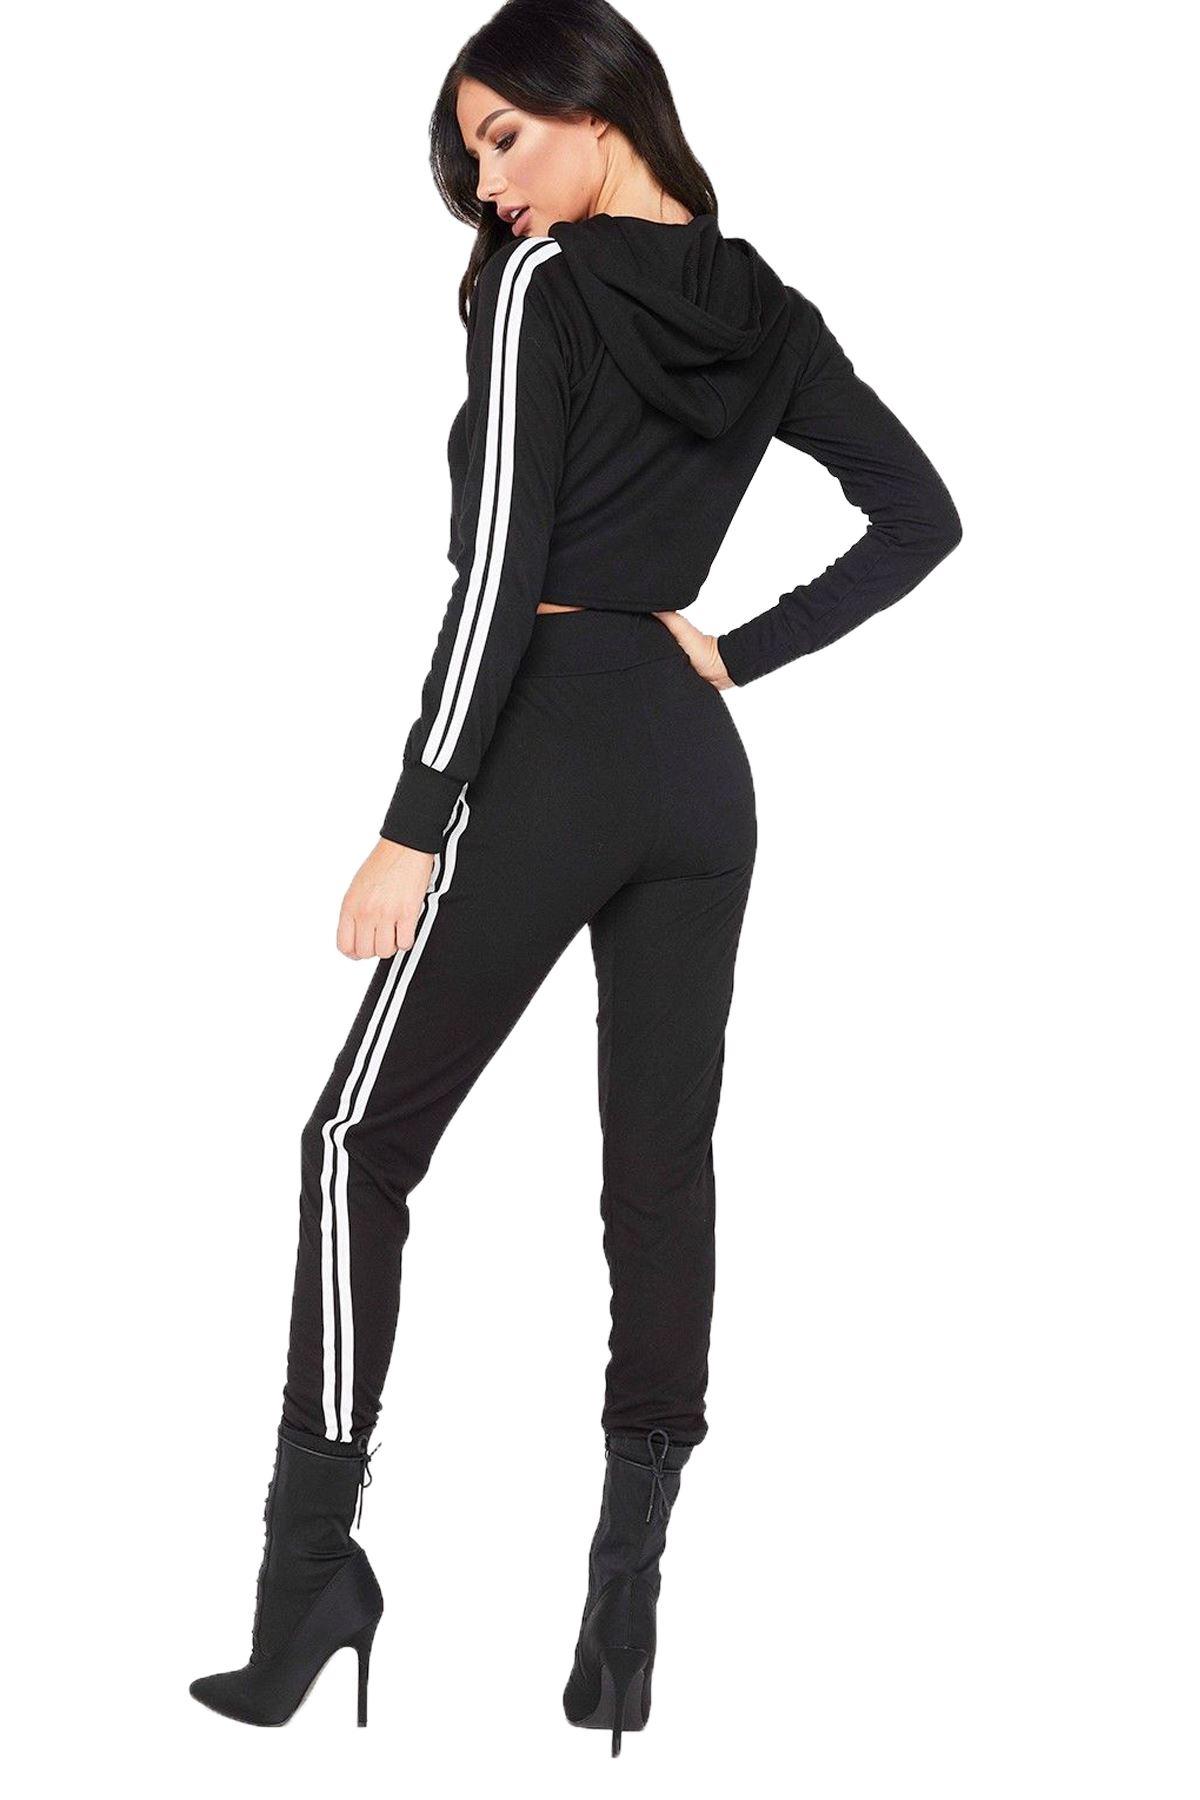 Femmes manches longues Crop rayure sur les côtés de détente jogging survêtement ensemble Coord